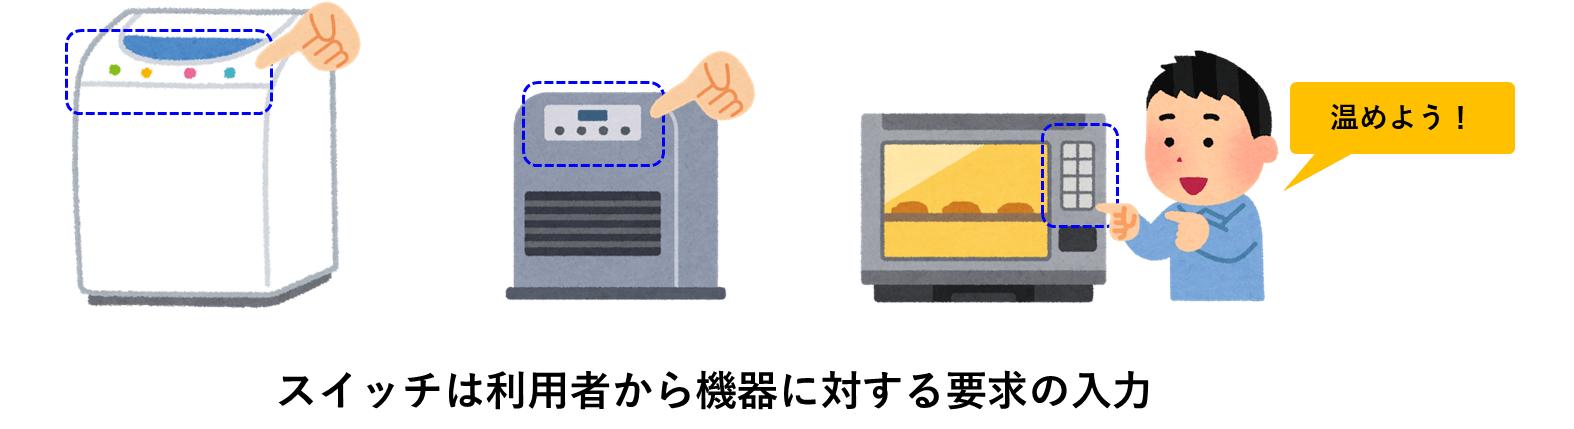 スイッチを持つ機器